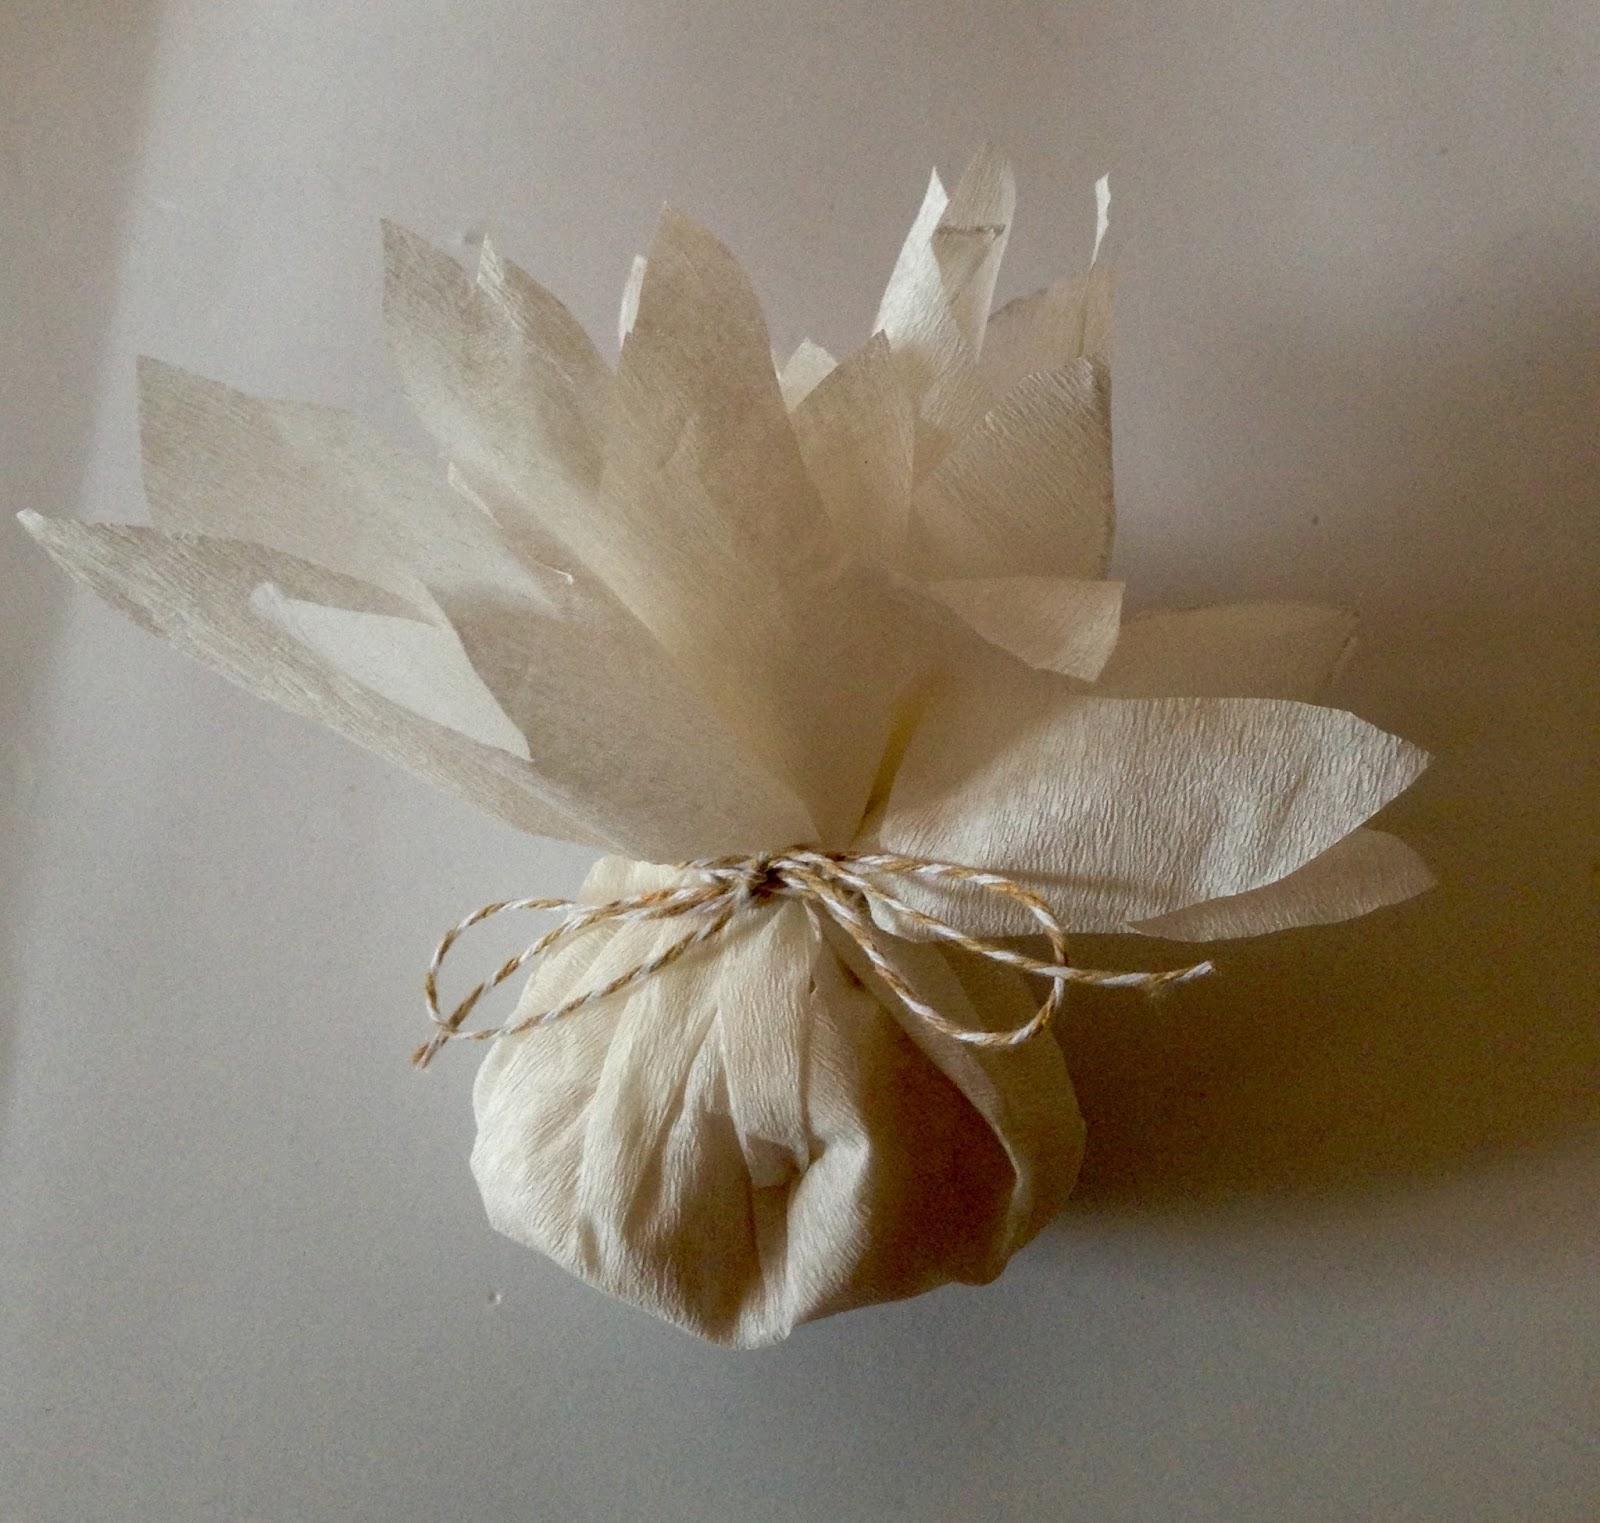 Blog de bodas yo dire que si tutorial diy conos de blonda para tu boda - Donde comprar arroz salvaje ...